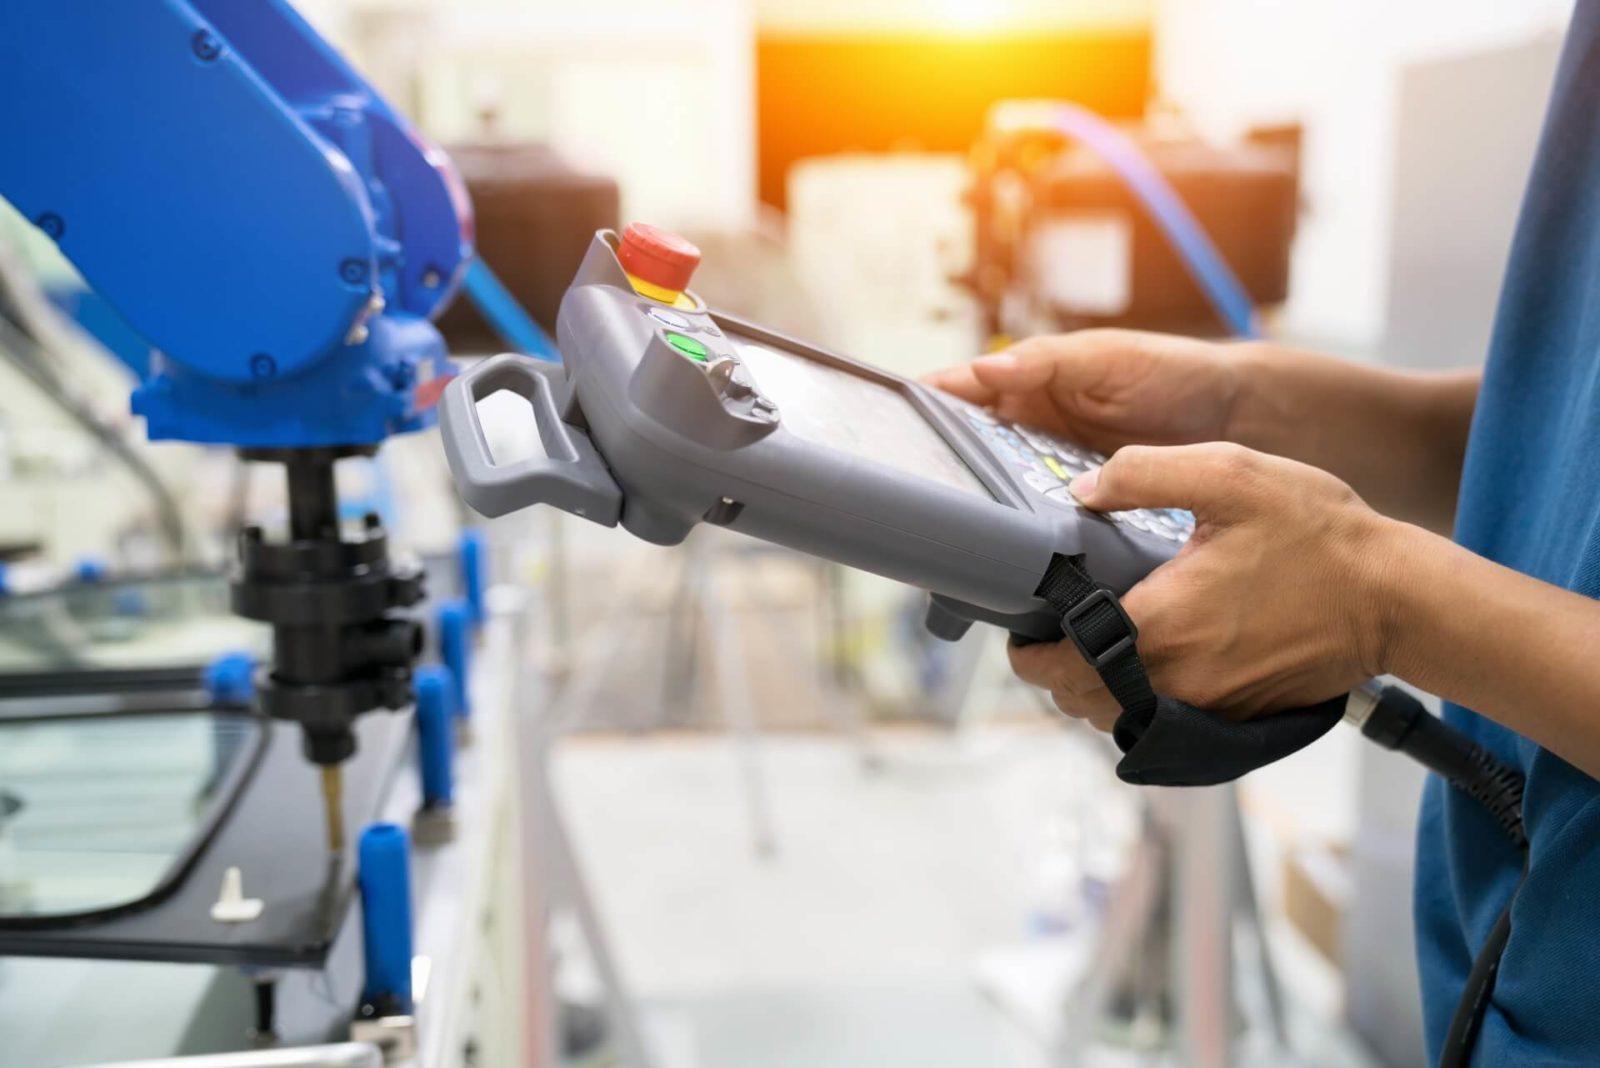 Veca kvaliteta proizvoda ne mora znaciti vece troskove proizvodnje